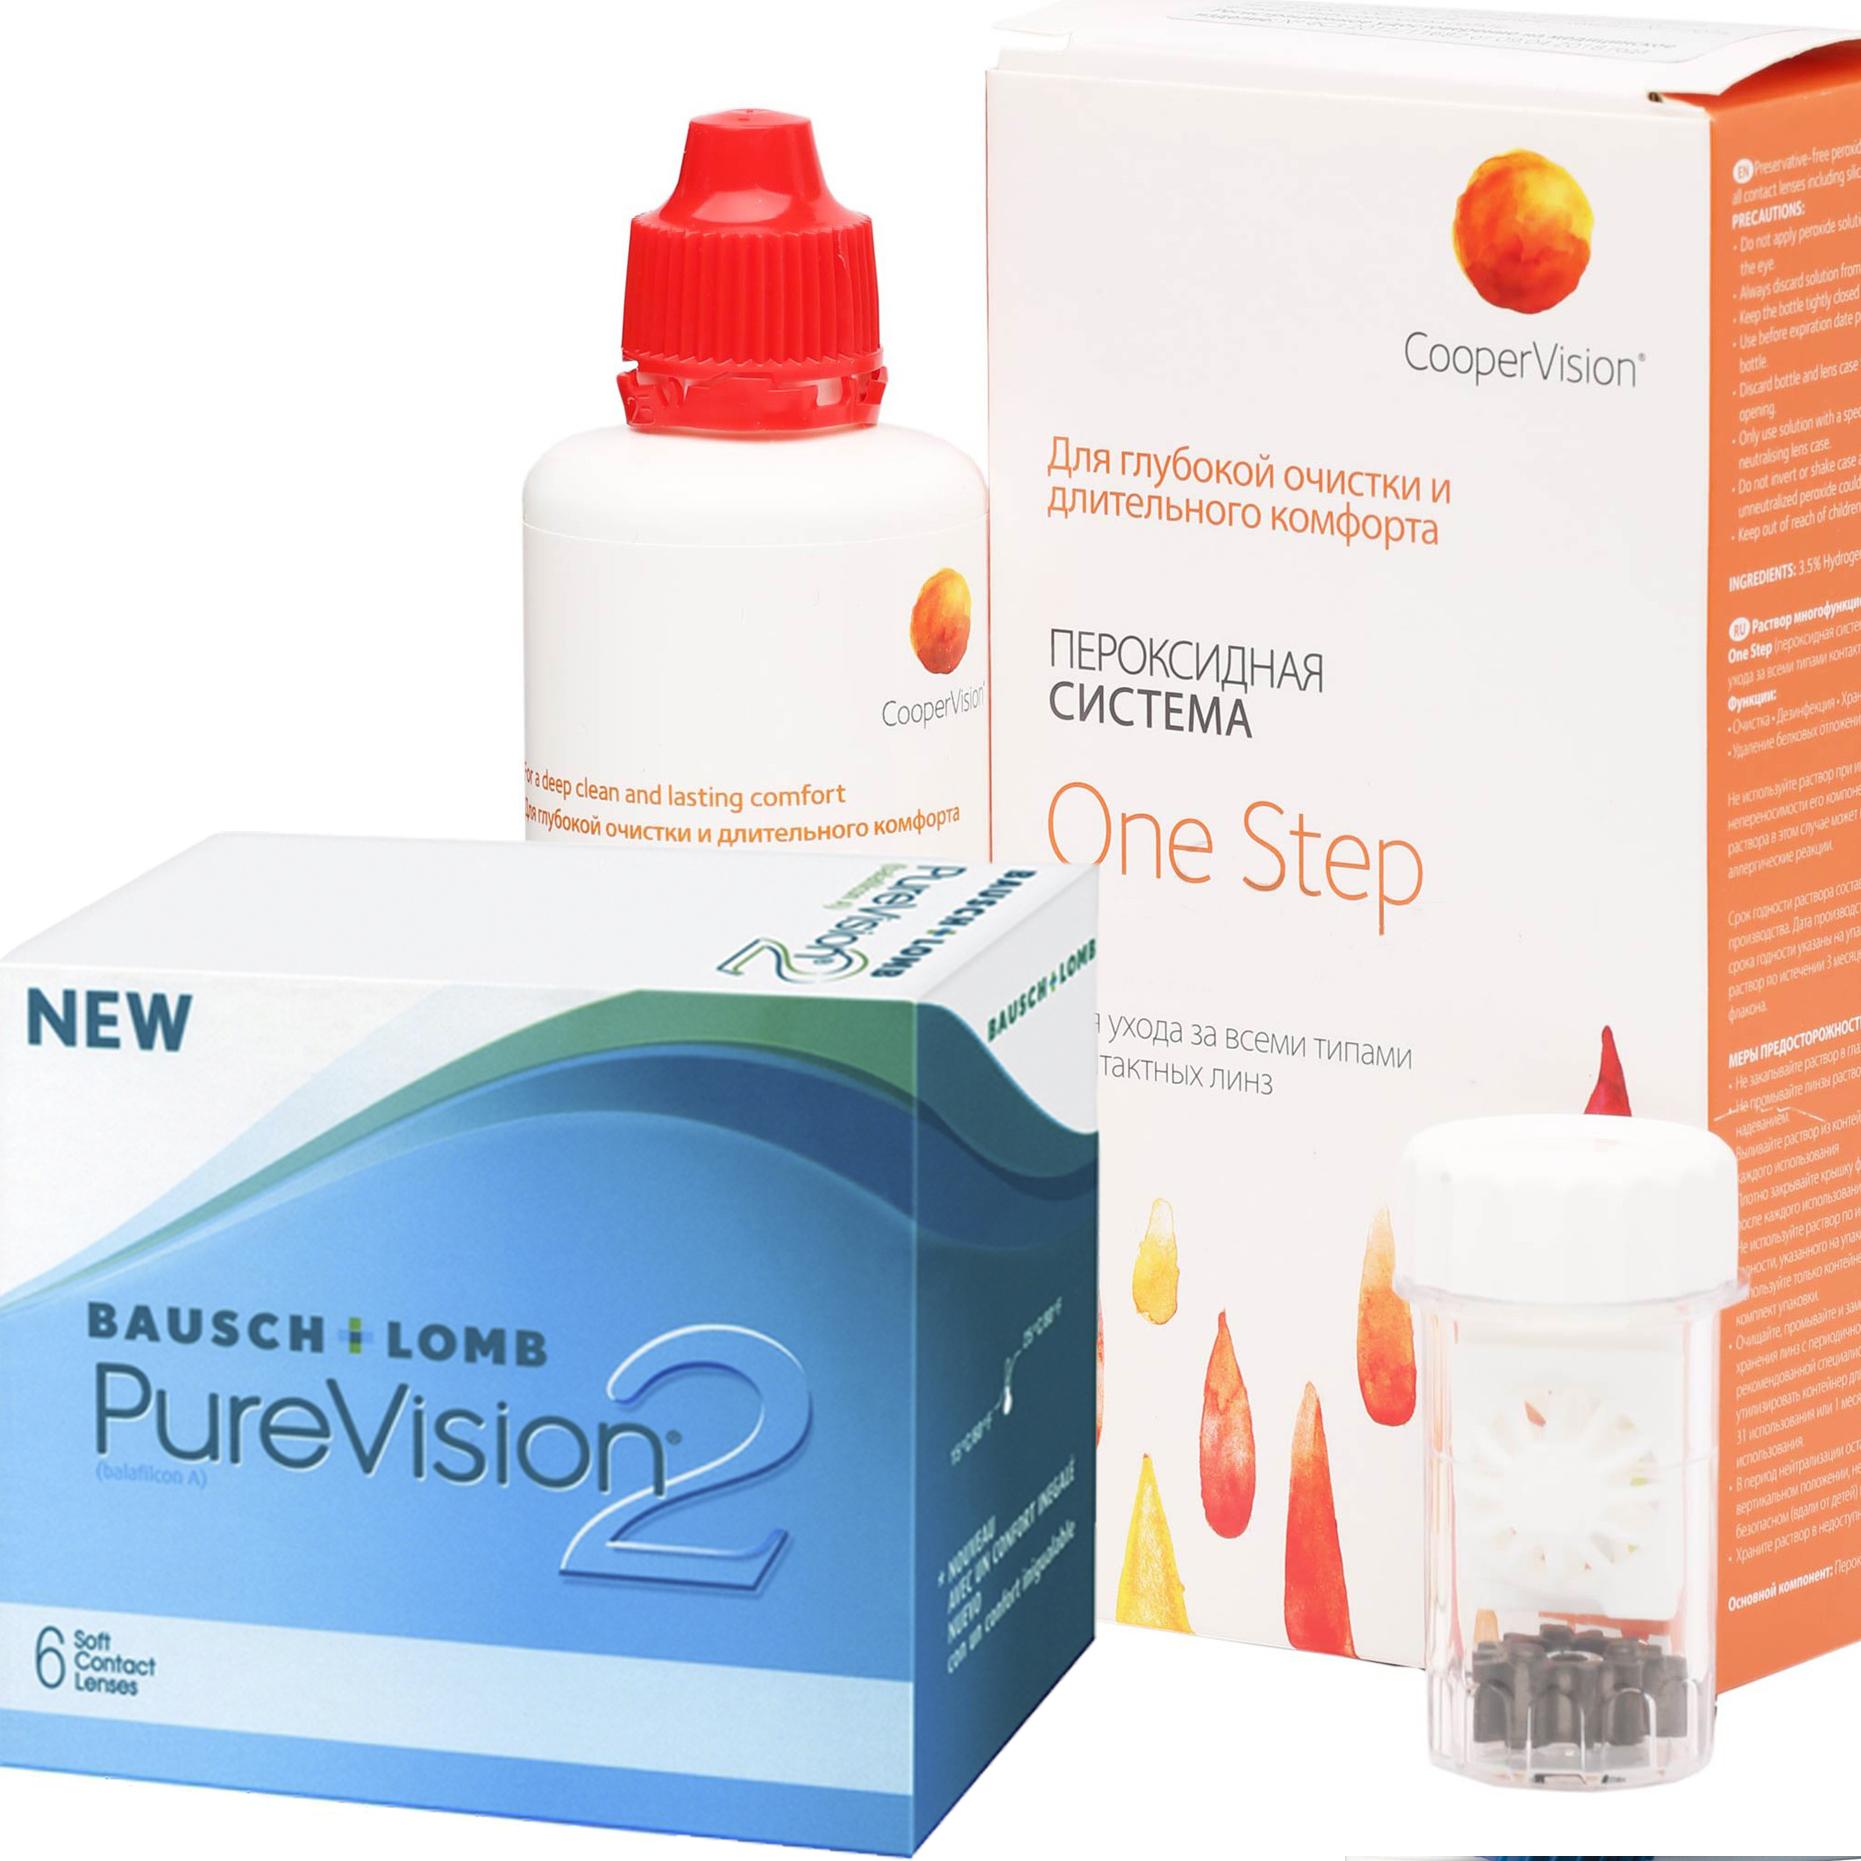 Купить 2 6 линз + One Step, Контактные линзы PureVision 2 6 линз R 8.6 -5, 00 + Раствор One Step 360 мл